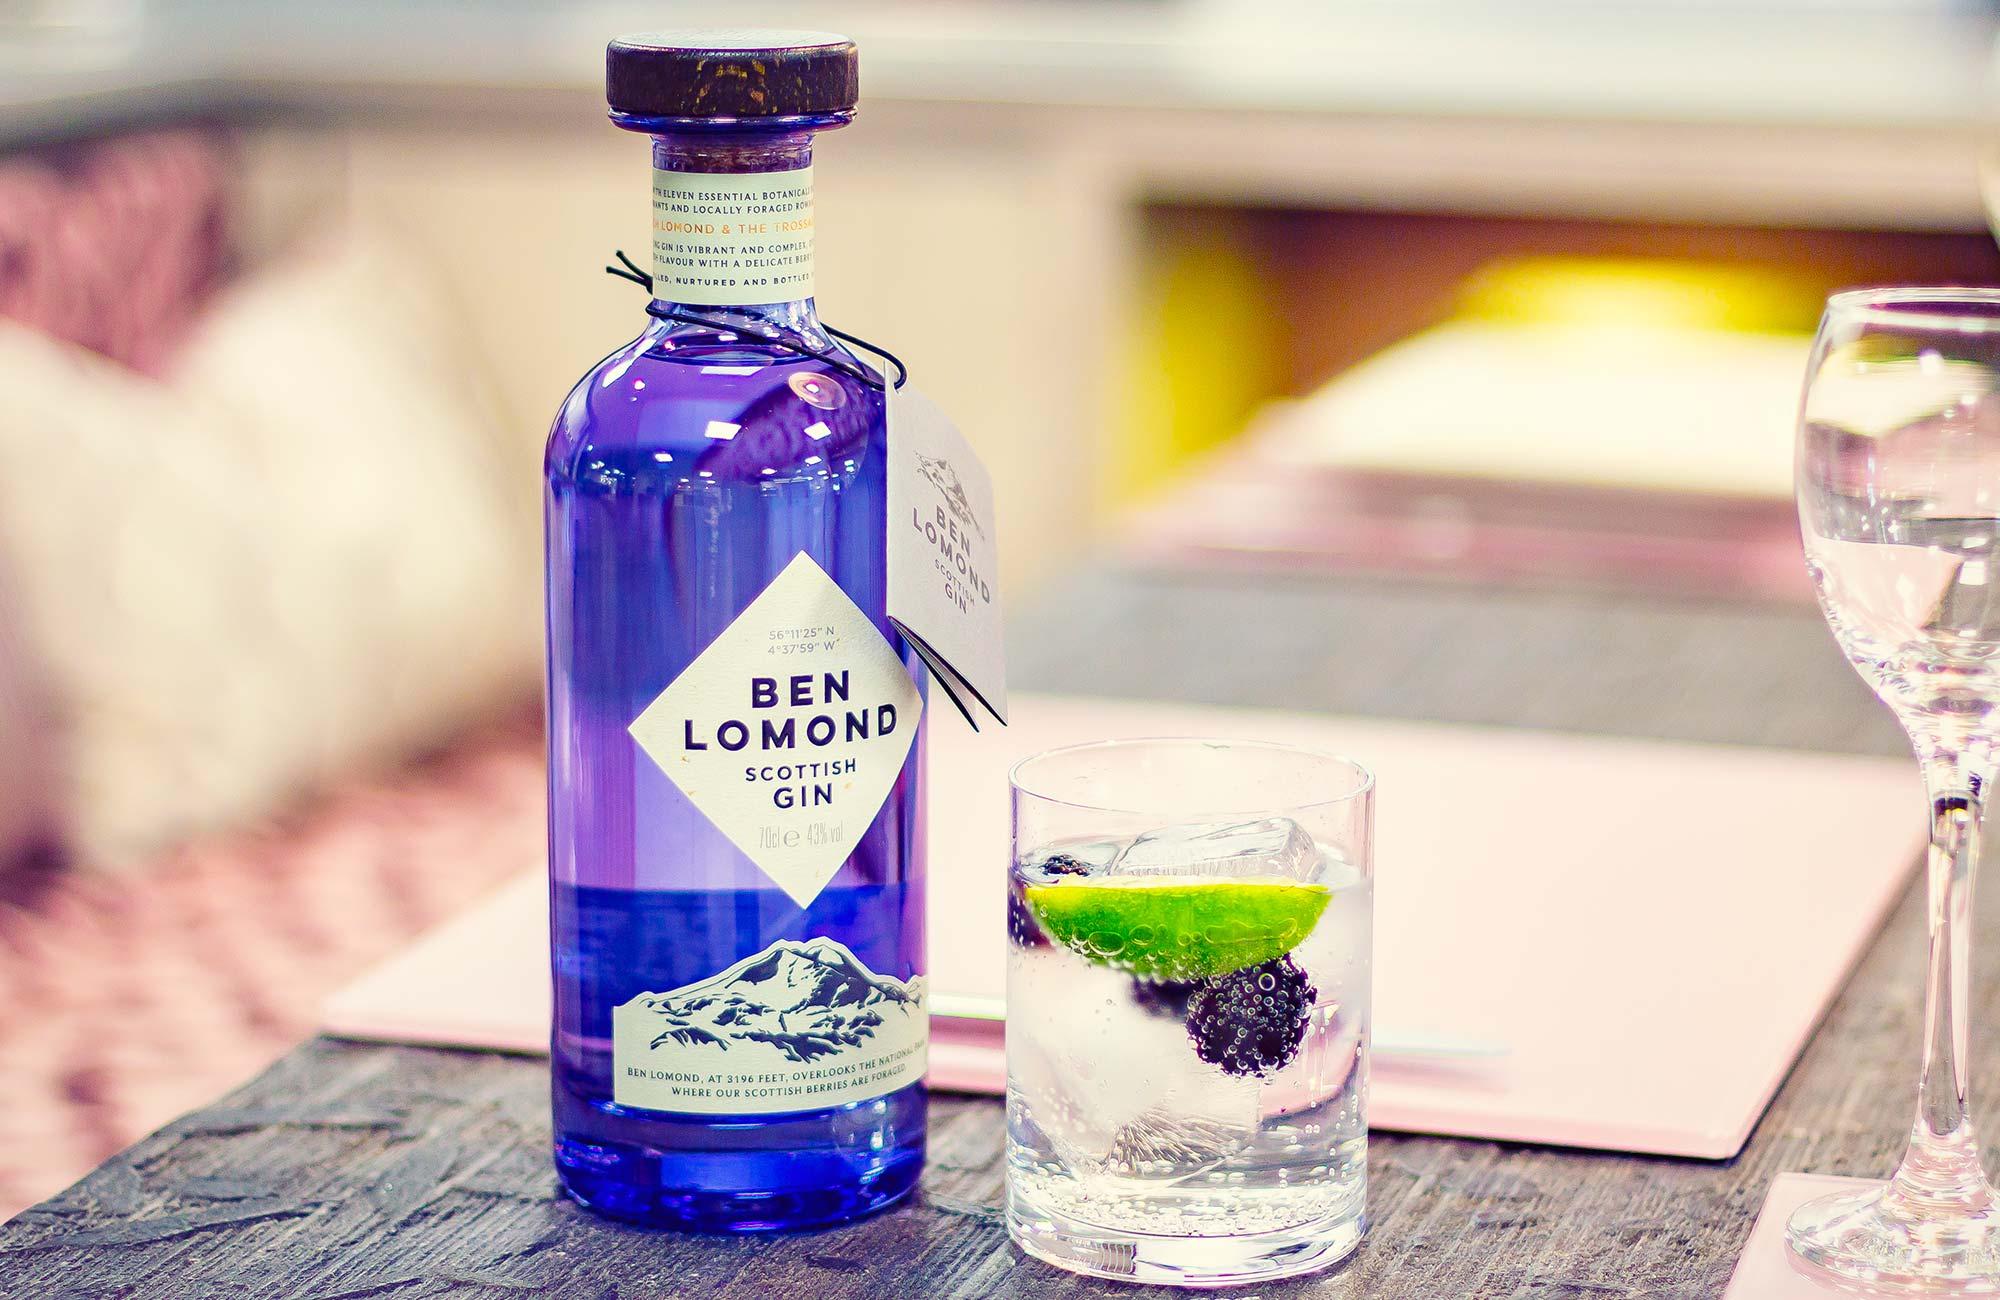 Scottish Gin News Round-Up January 2020 - The Gin Cooperative